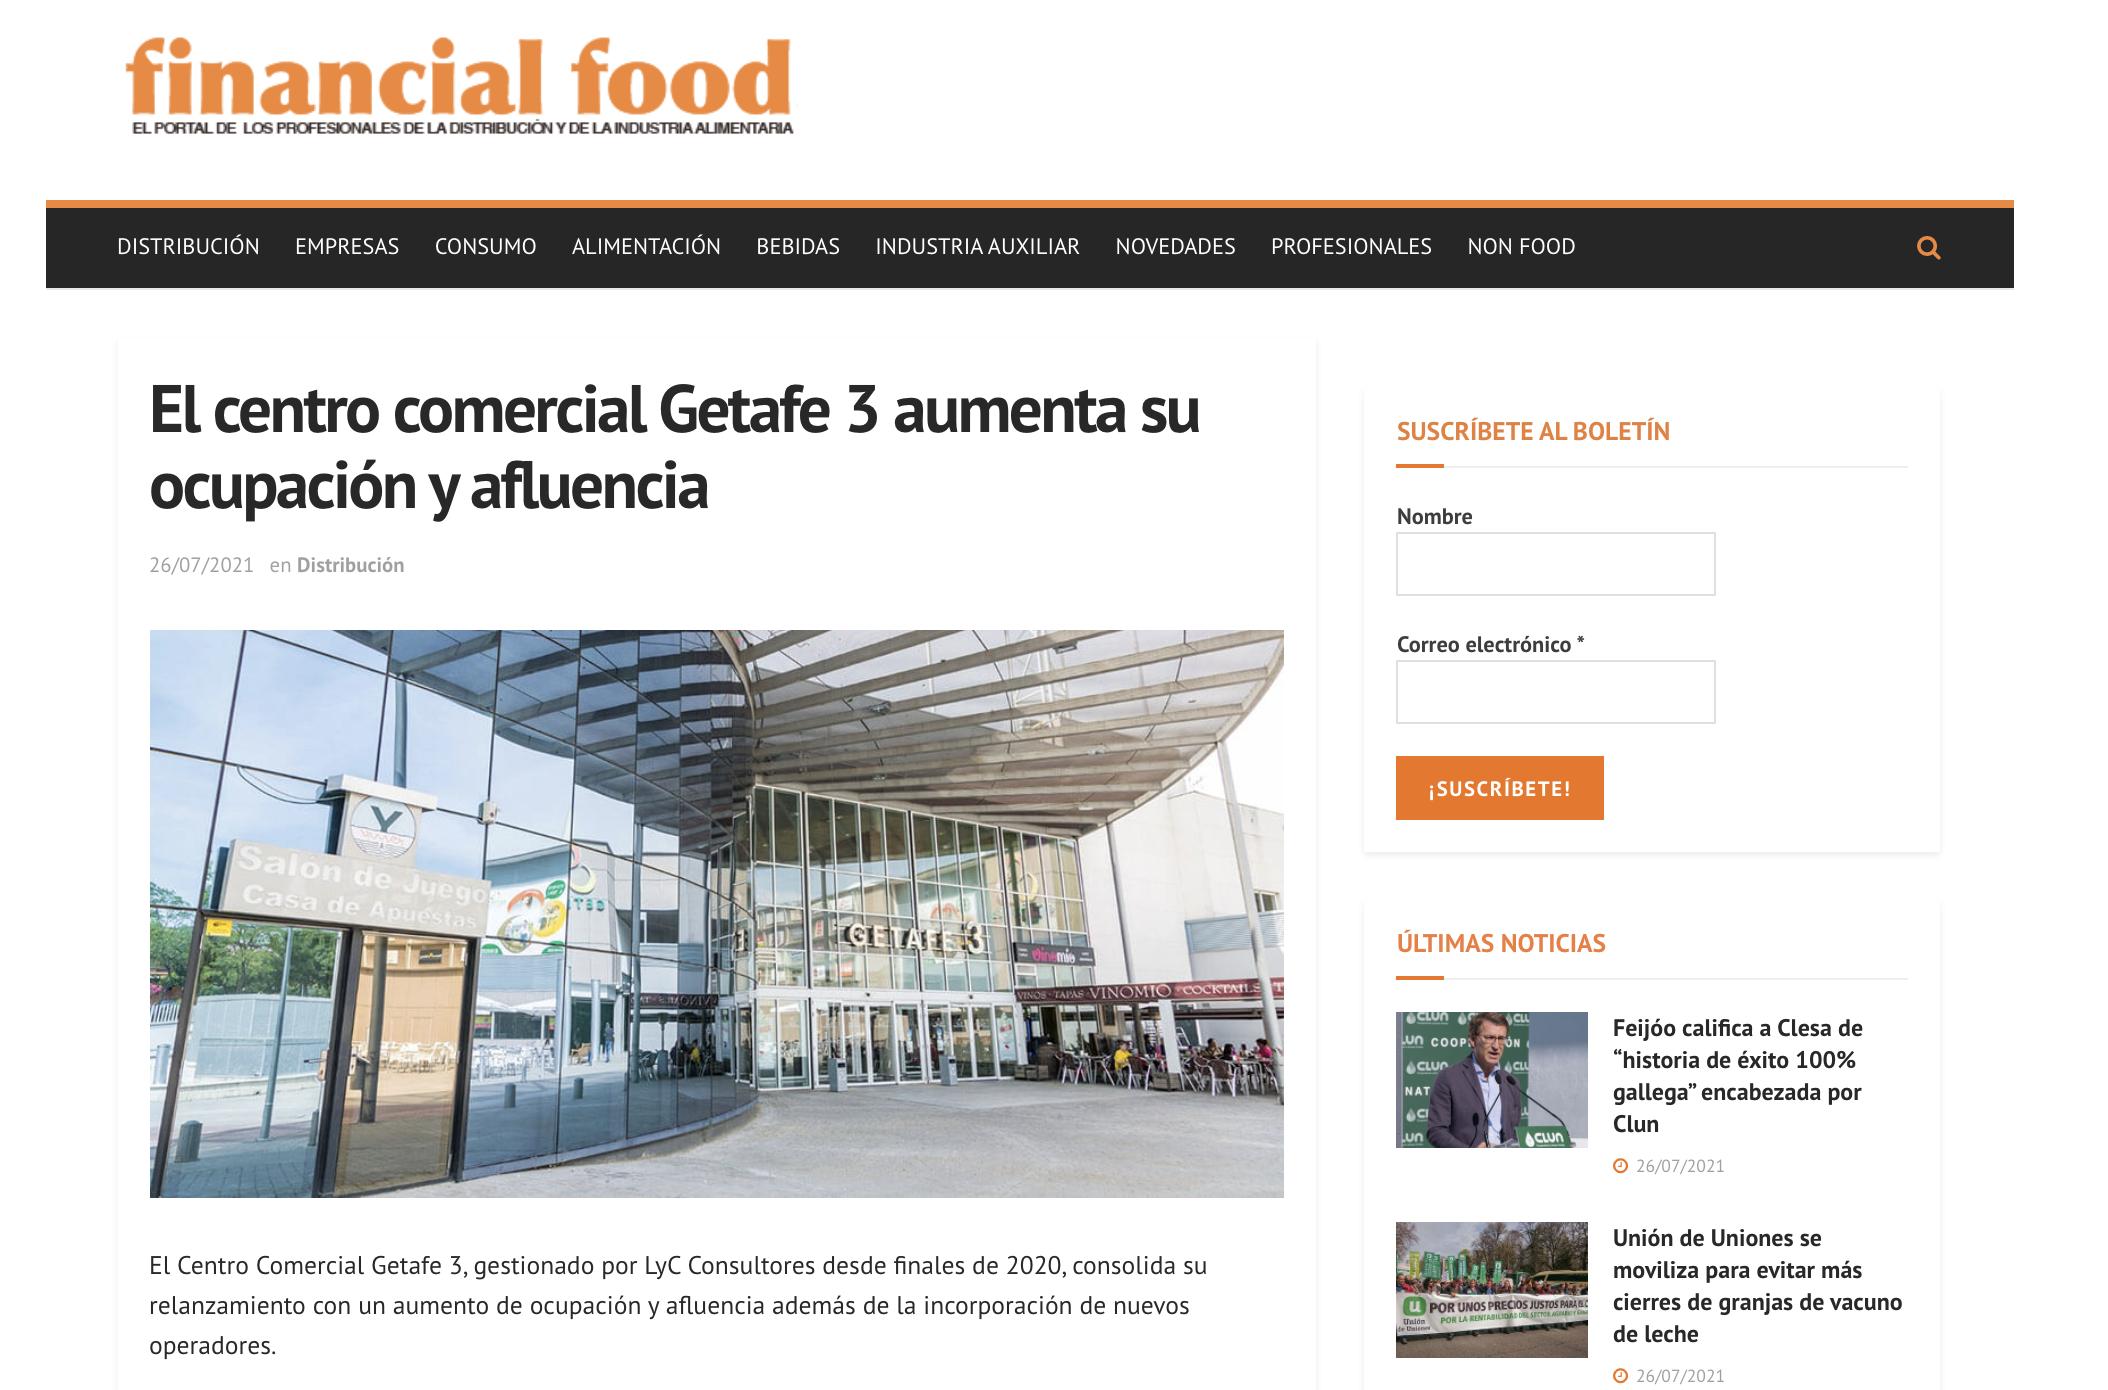 El centro comercial Getafe 3 aumenta su ocupación y afluencia